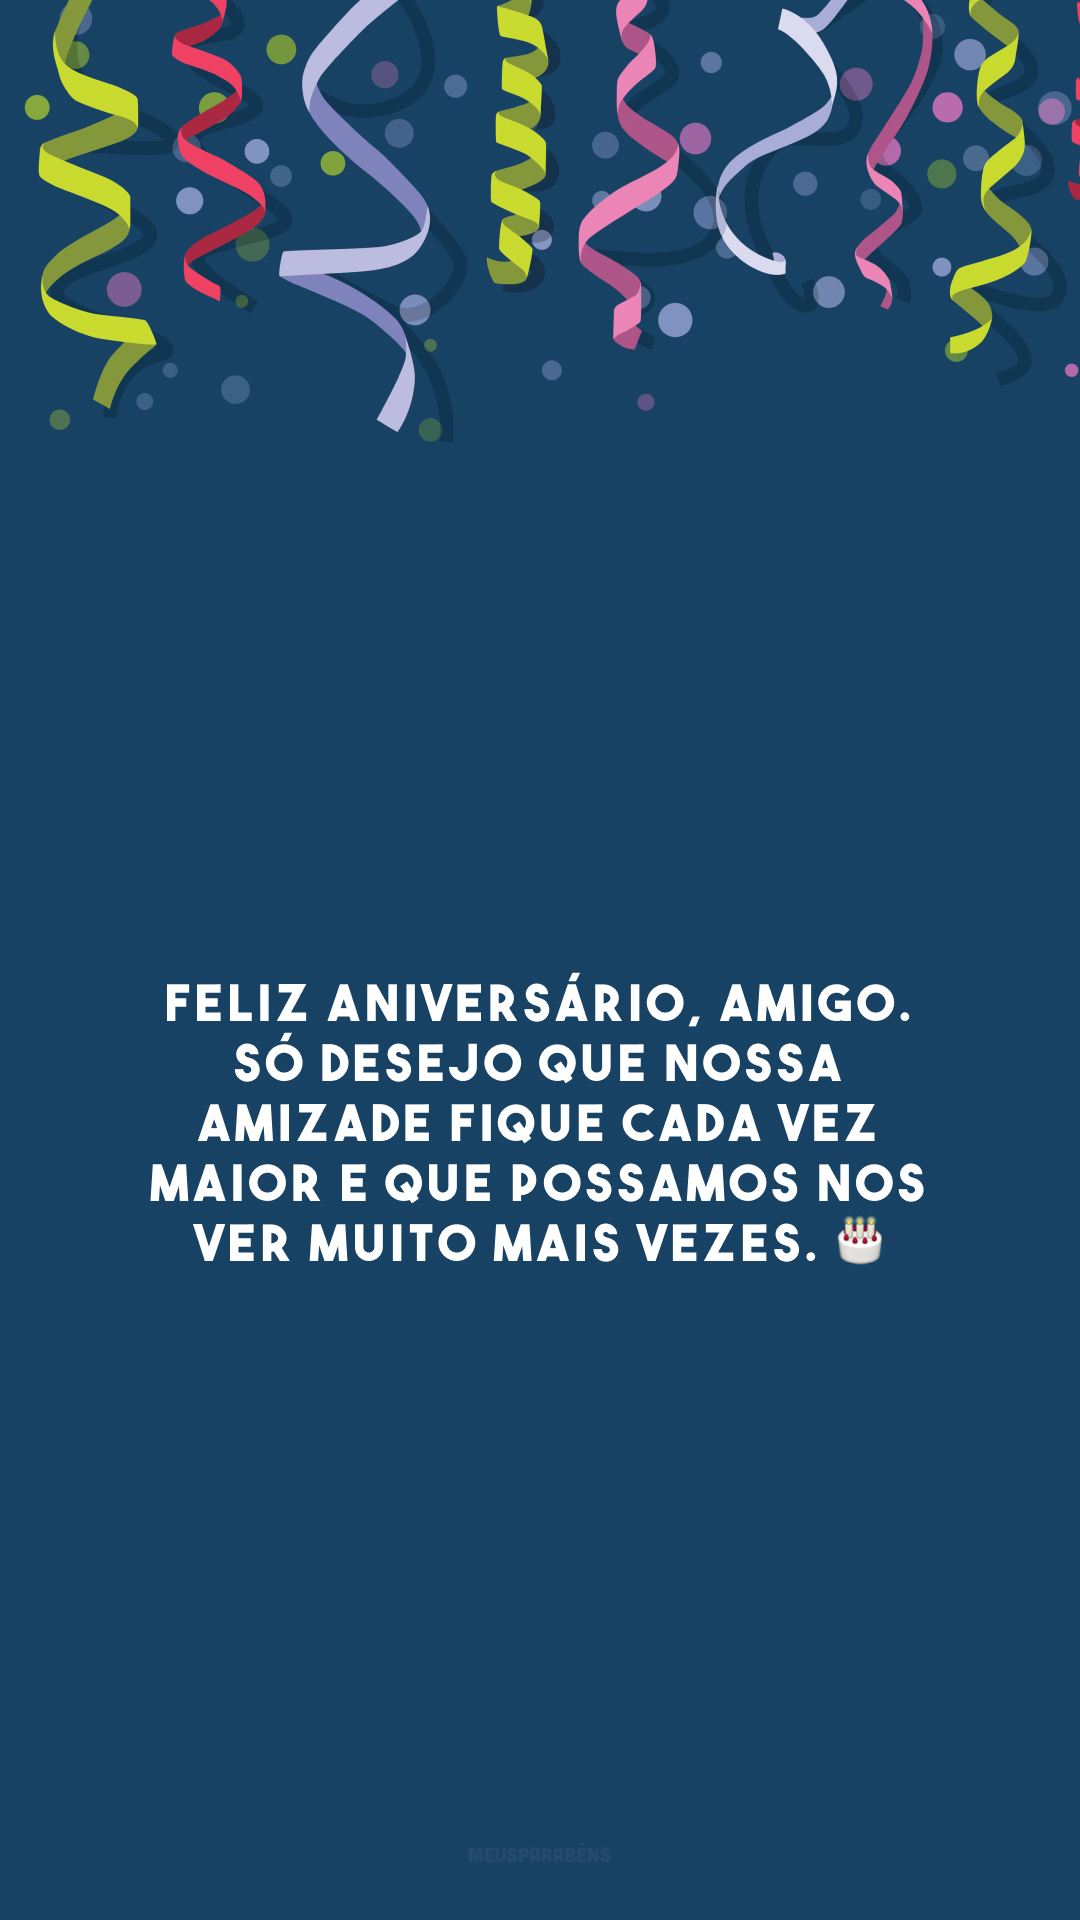 Feliz aniversário, amigo. Só desejo que nossa amizade fique cada vez maior e que possamos nos ver muito mais vezes. 🎂